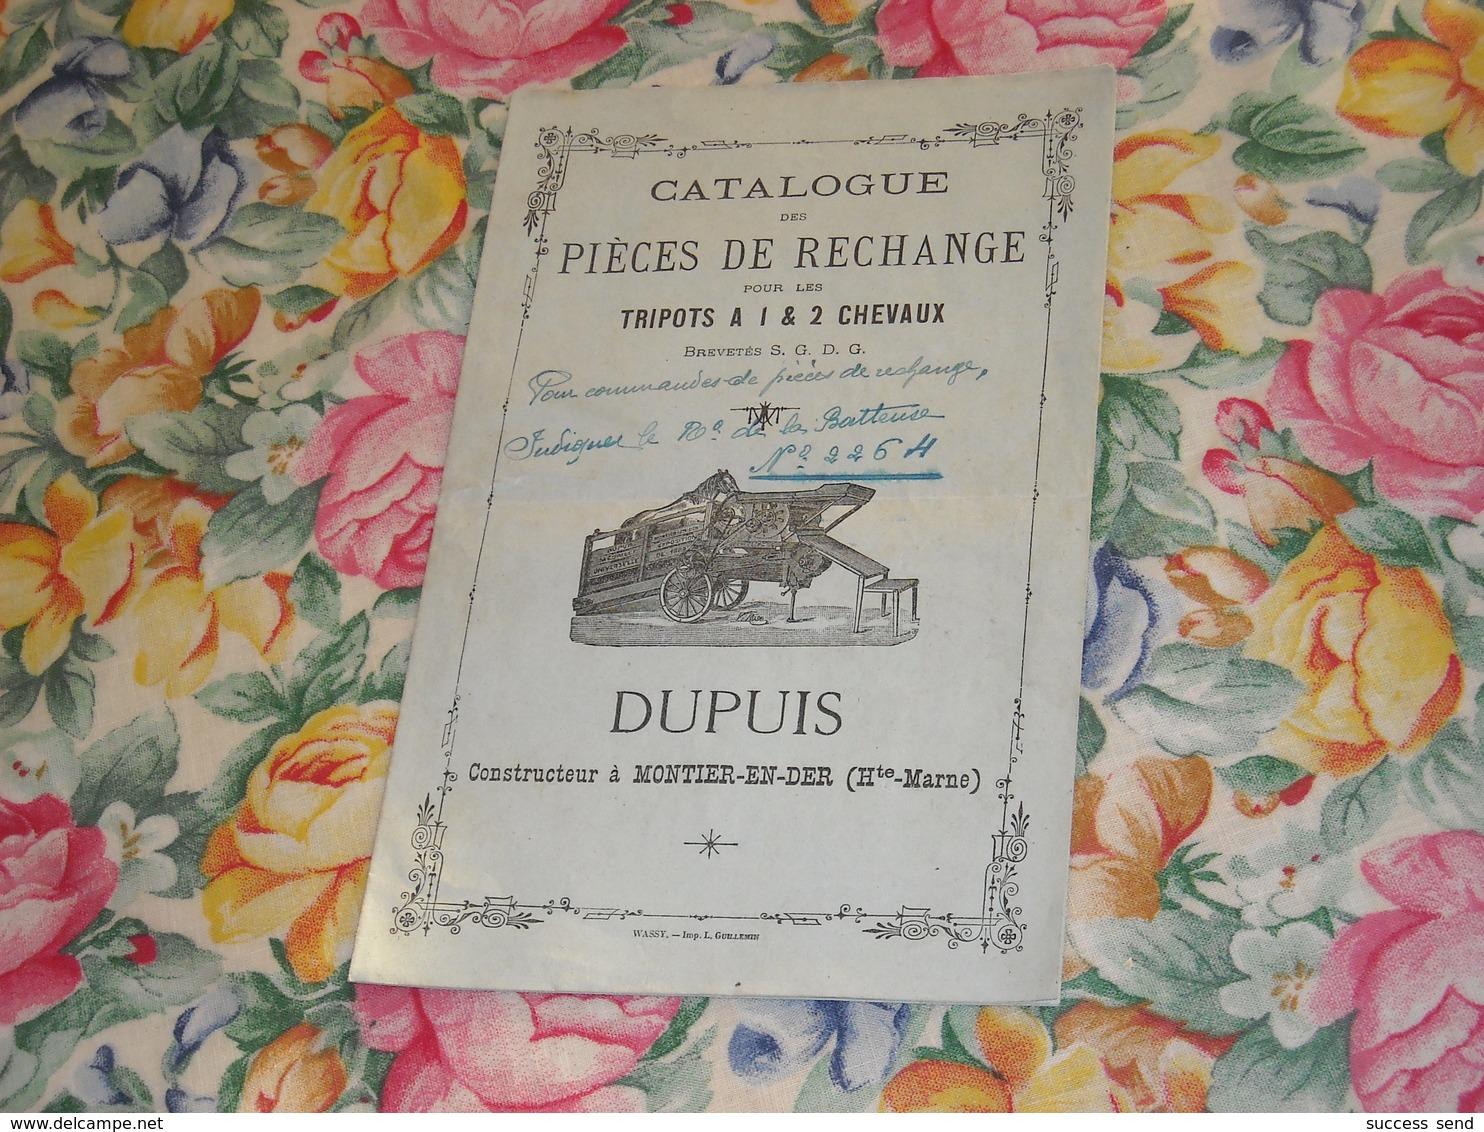 Rare CATALOGUE Pièces De Rechange Pour Les TRIPOTS à 1 & 2 CHEVAUX. DUPUIS à MONTIER-EN-DER - Publicités